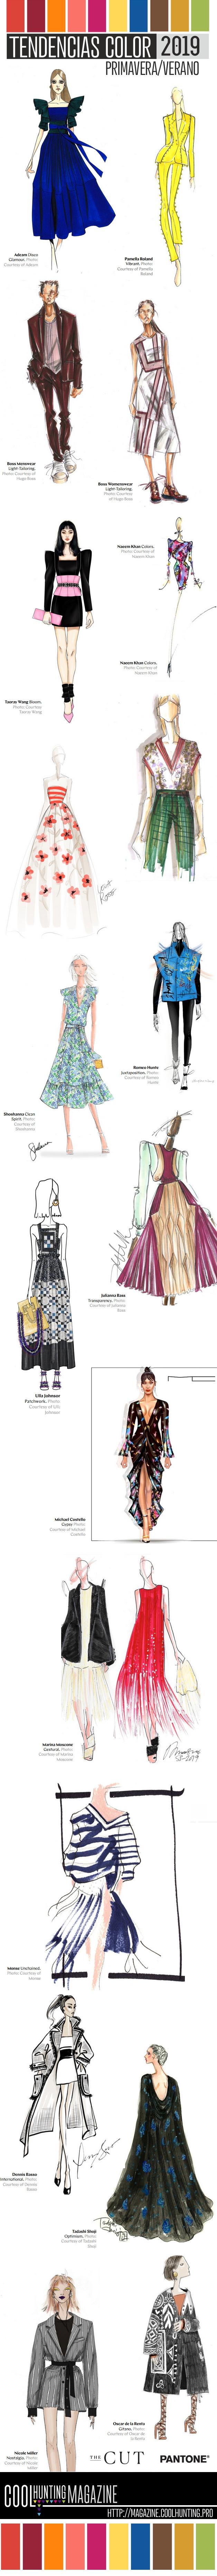 Tendencias color 2019 en 20 diseños de moda